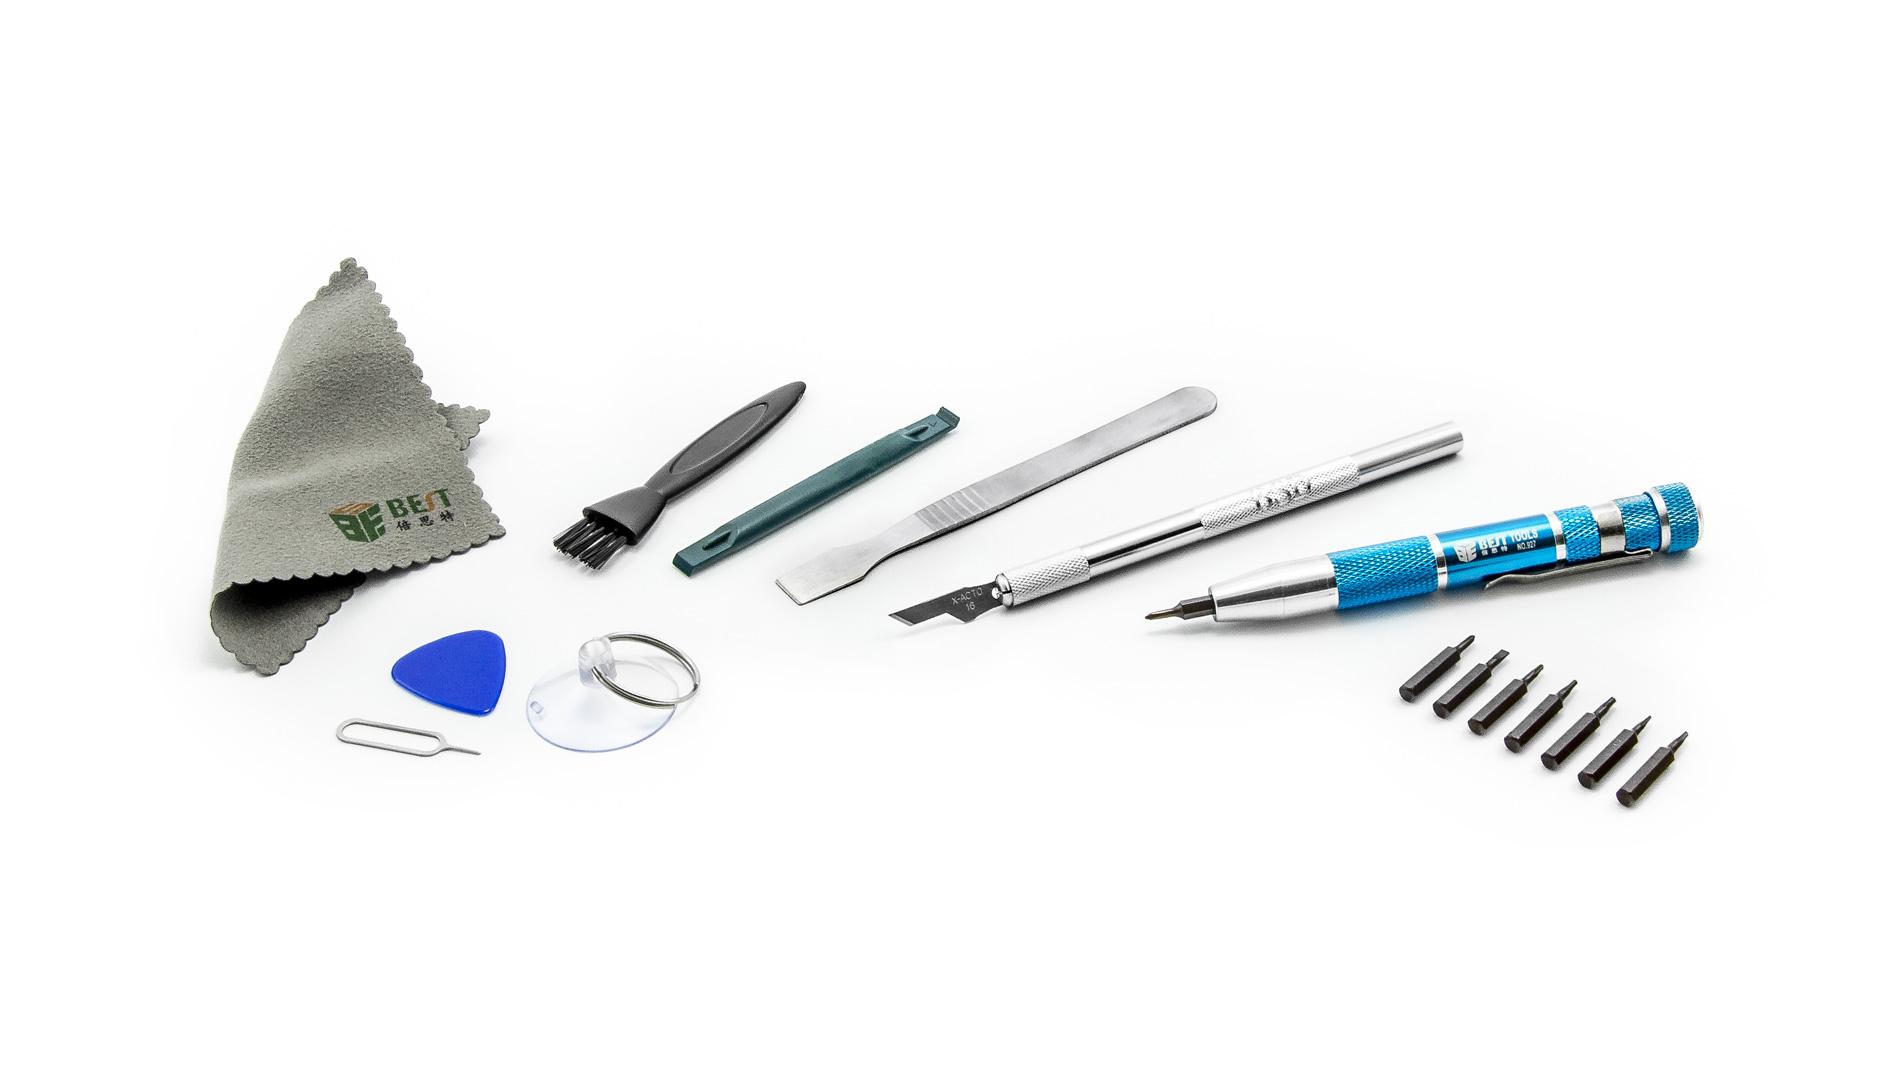 Sada nástrojů pro rozebírání a opravy BEST BST-608 18 dílů